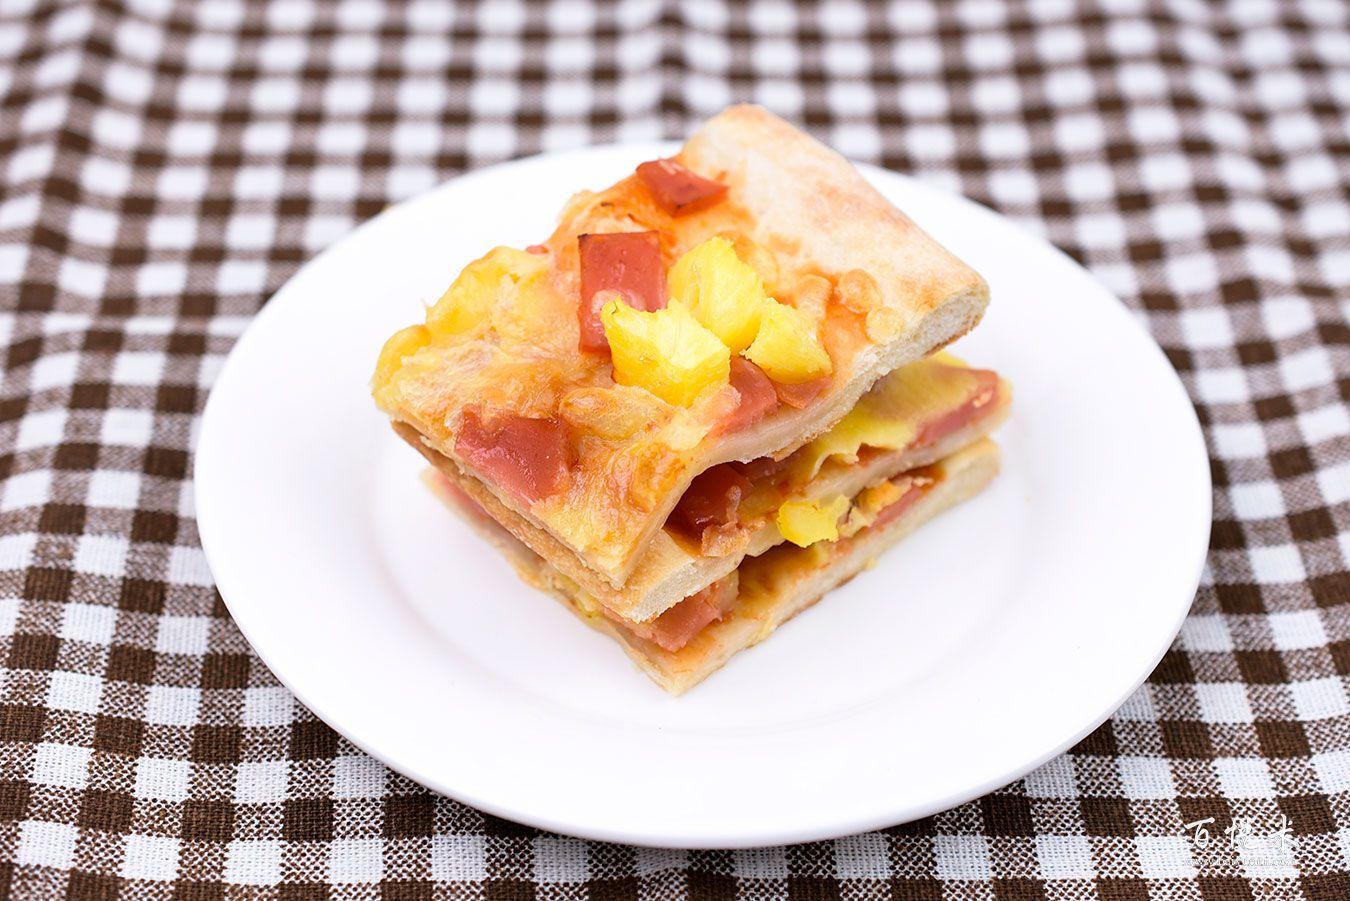 夏威夷披萨高清图片大全【蛋糕图片】_805